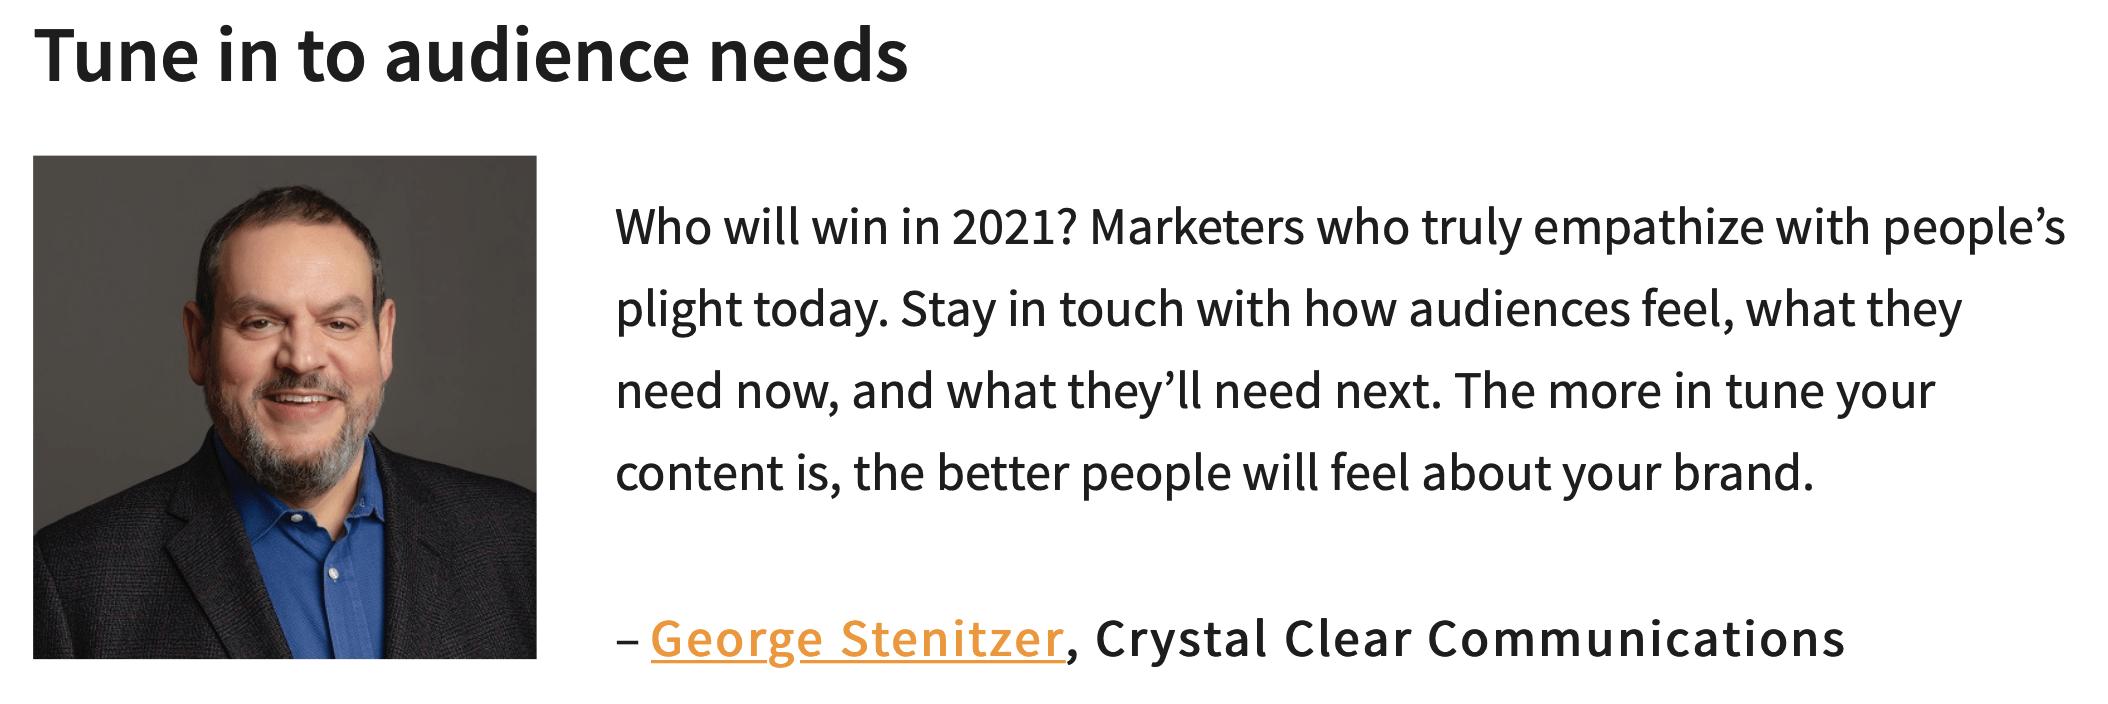 2021 content marketing prediction